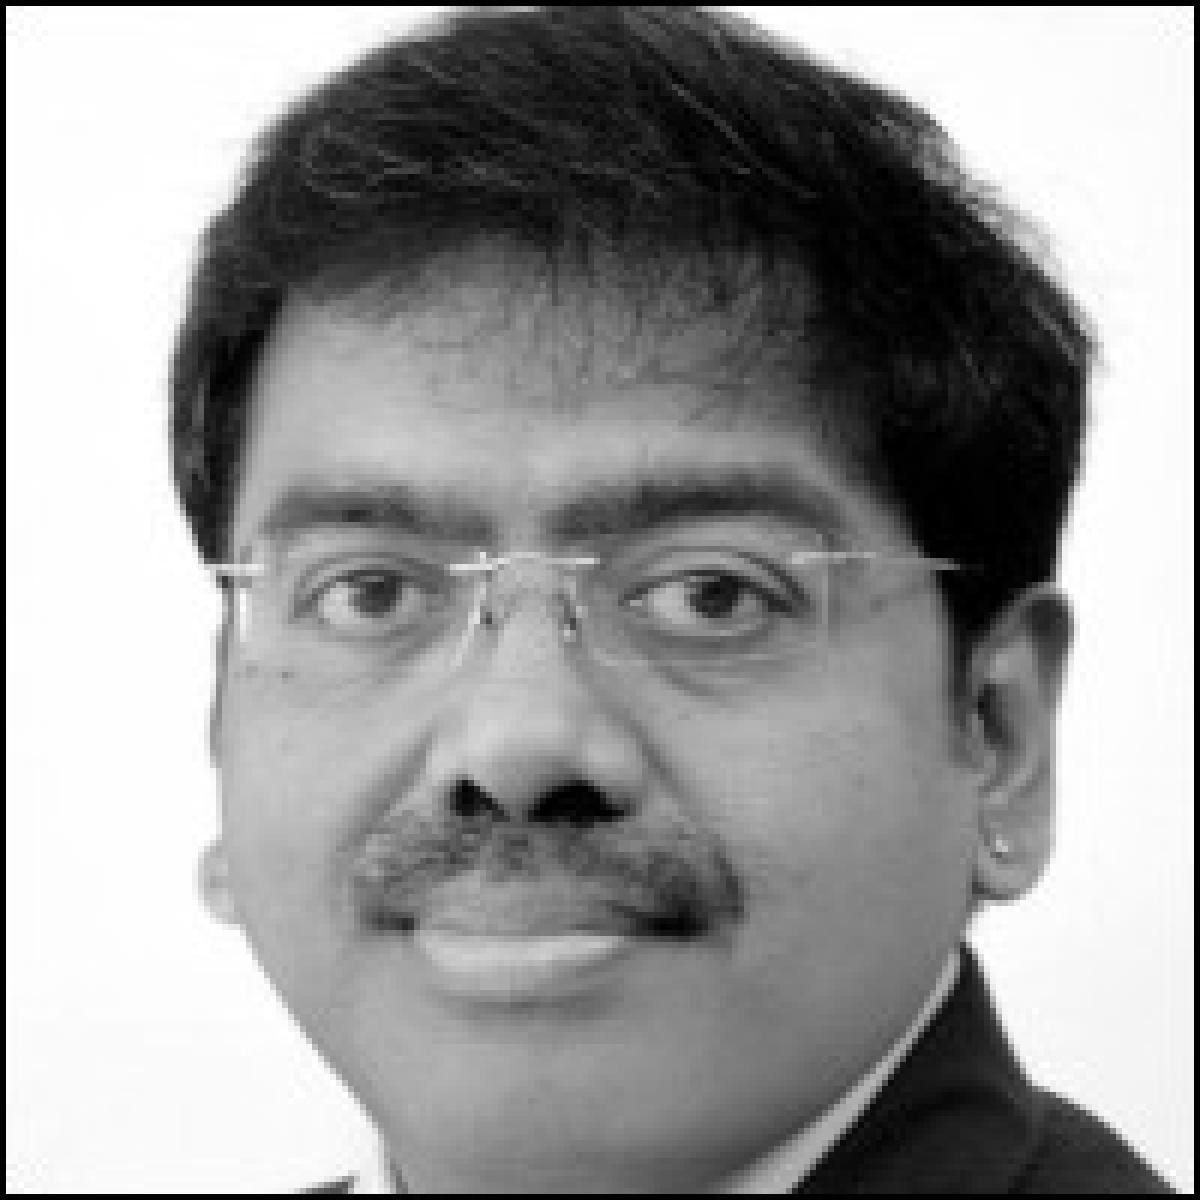 Logicserve Digital appoints Dhirendra Singh as VP Design